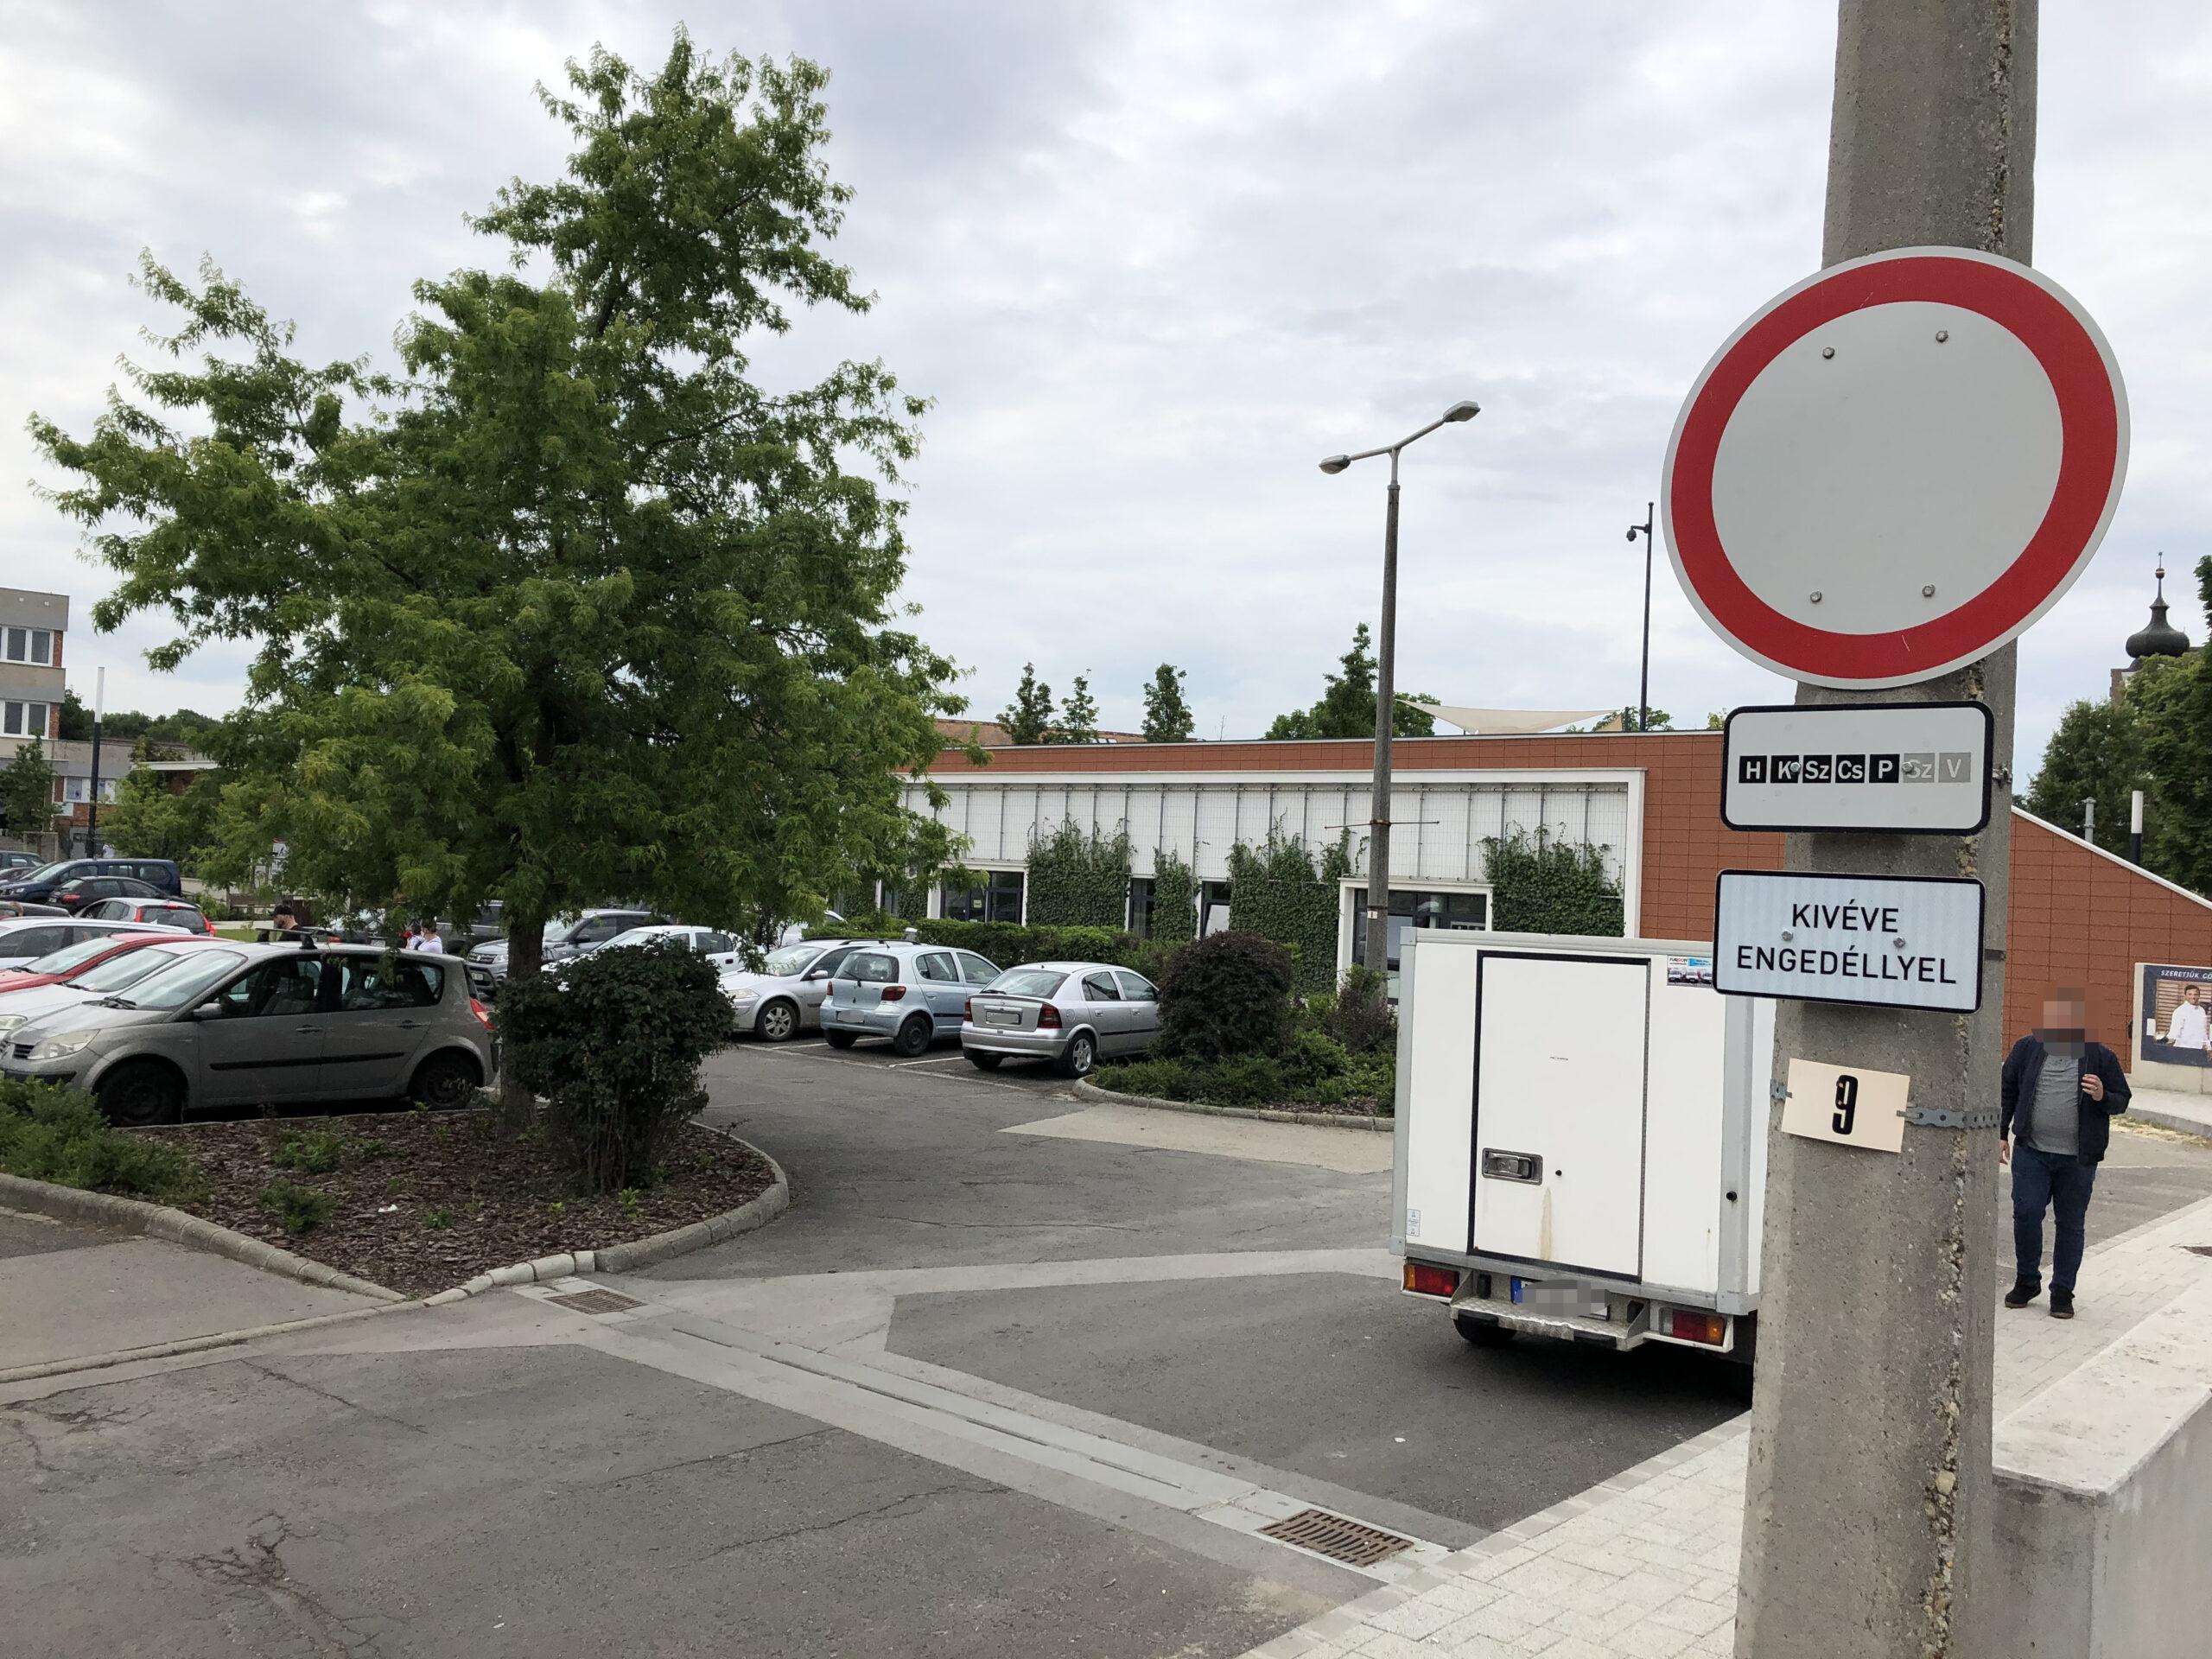 Figyelem! Büntetik a szabálytalan parkolást